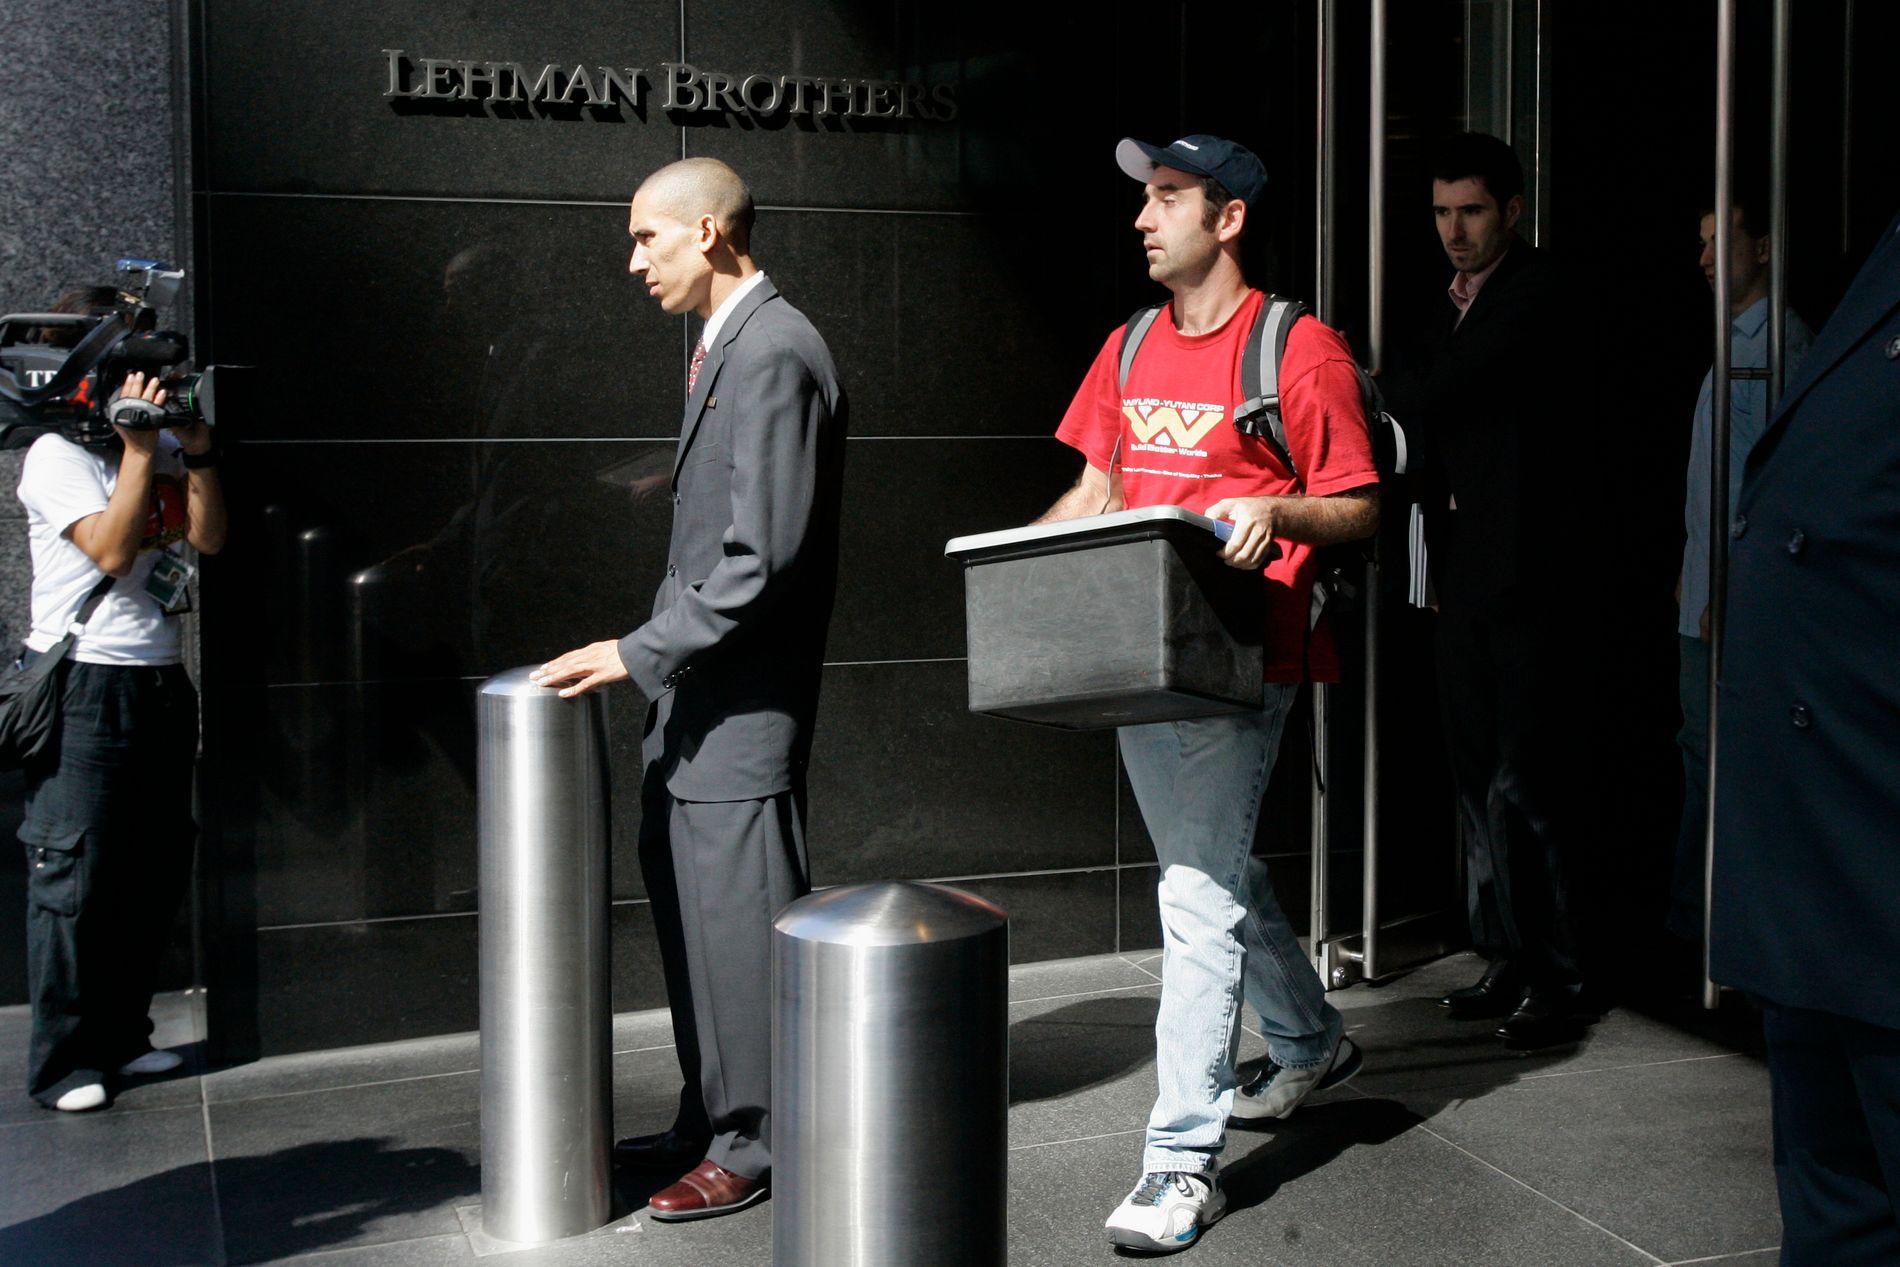 SLUTT: Ein tilsett på veg ut av Lehman Brothers lokaler i New York 15. september 2008. Banken hadde ei gjeld på over 600 milliardar dollar då han gjekk konkurs.